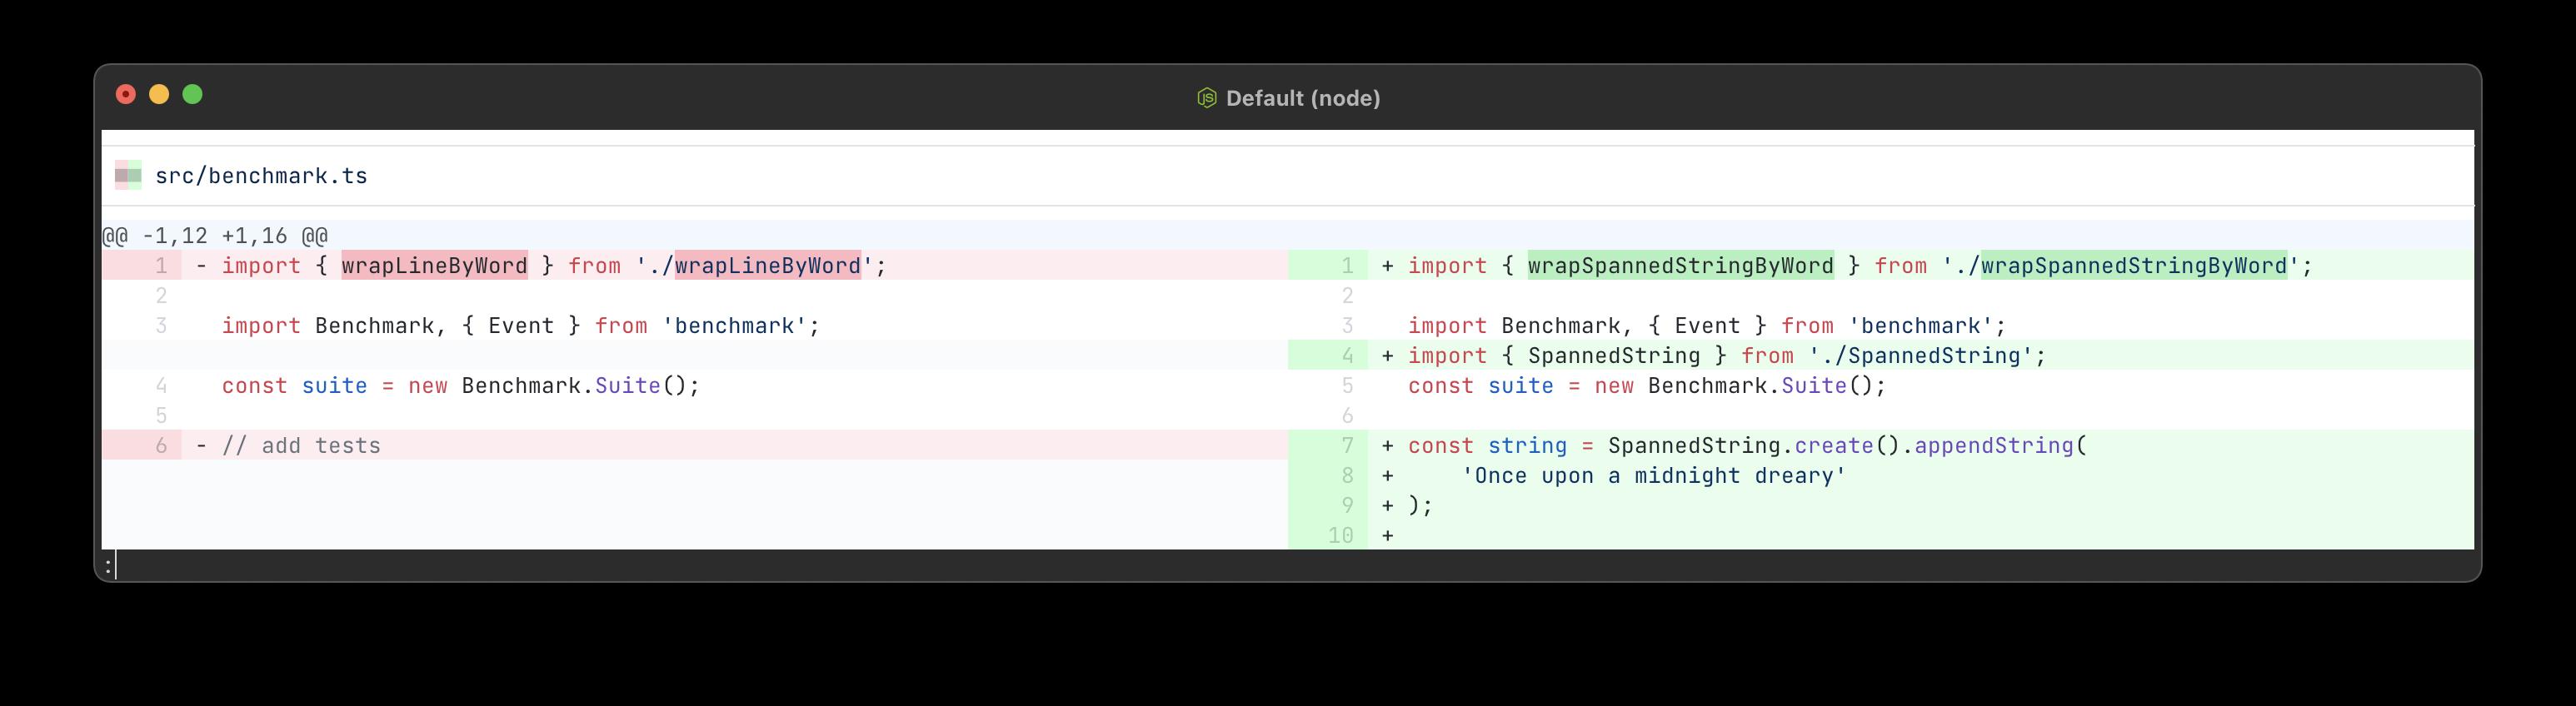 Screenshot of inline changes